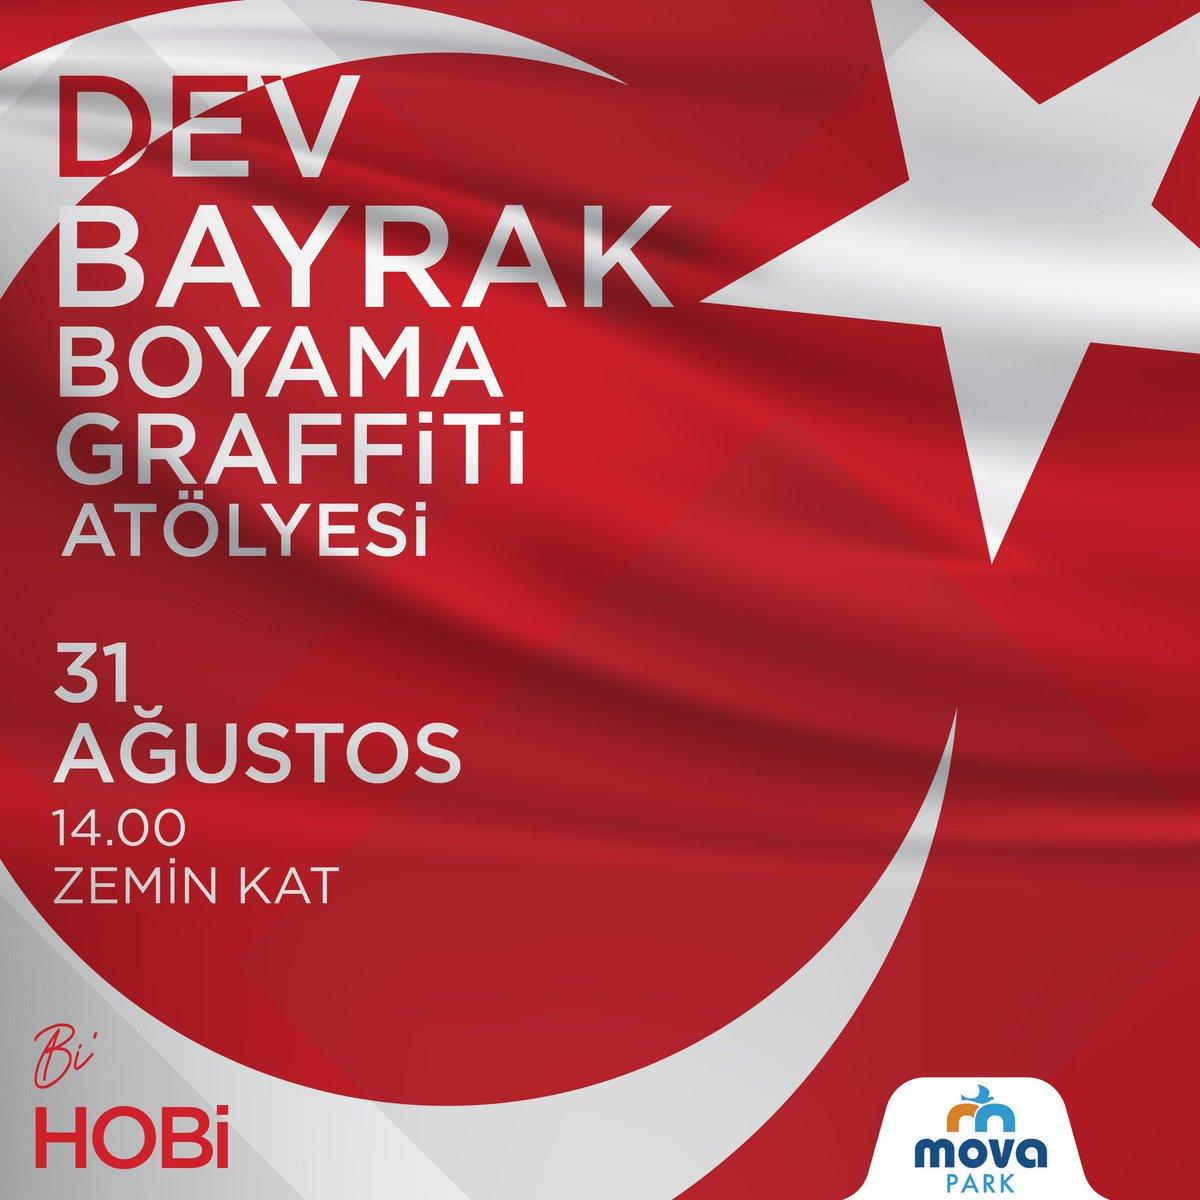 Bayrak Resmi Indir Boyama Coloring Free To Print